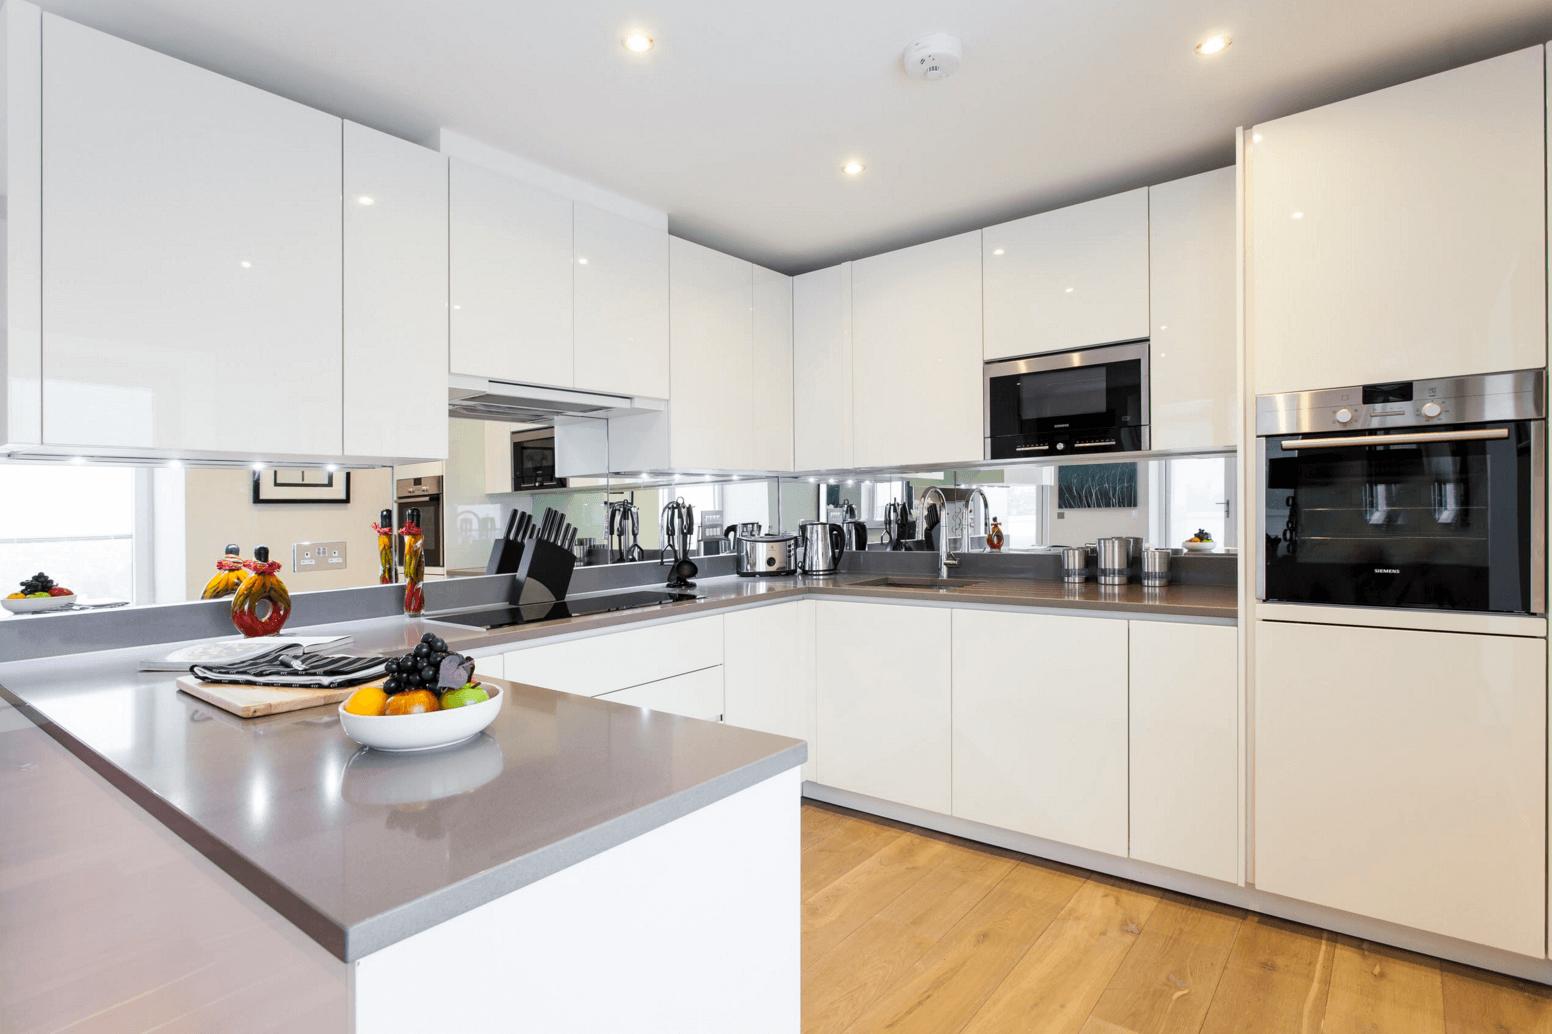 Идея дизайна фартука на кухню: зеркальный - фото 3